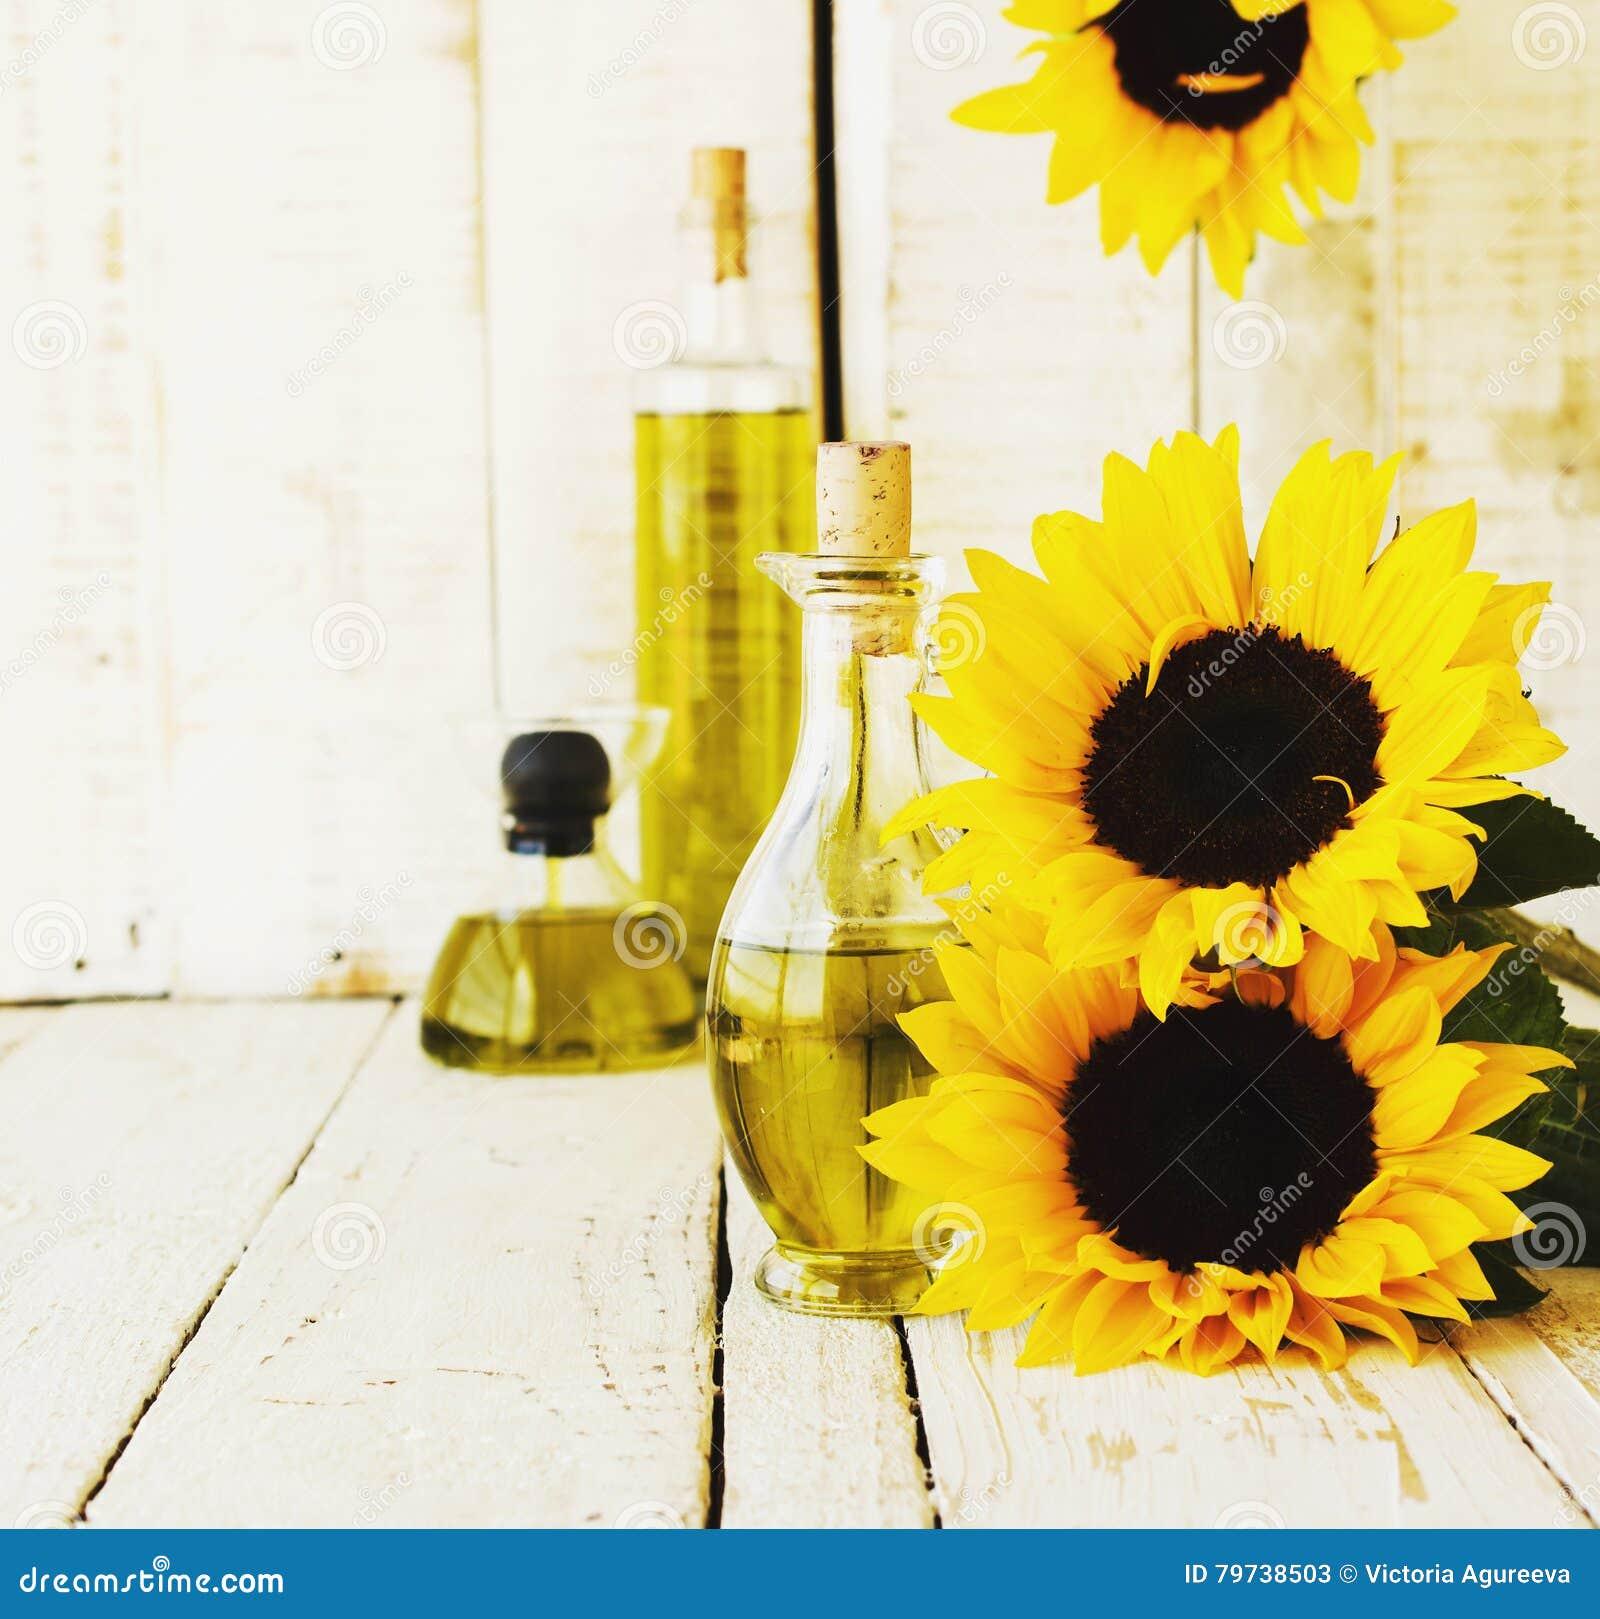 La botella con aceite florece el girasol, foco selectivo